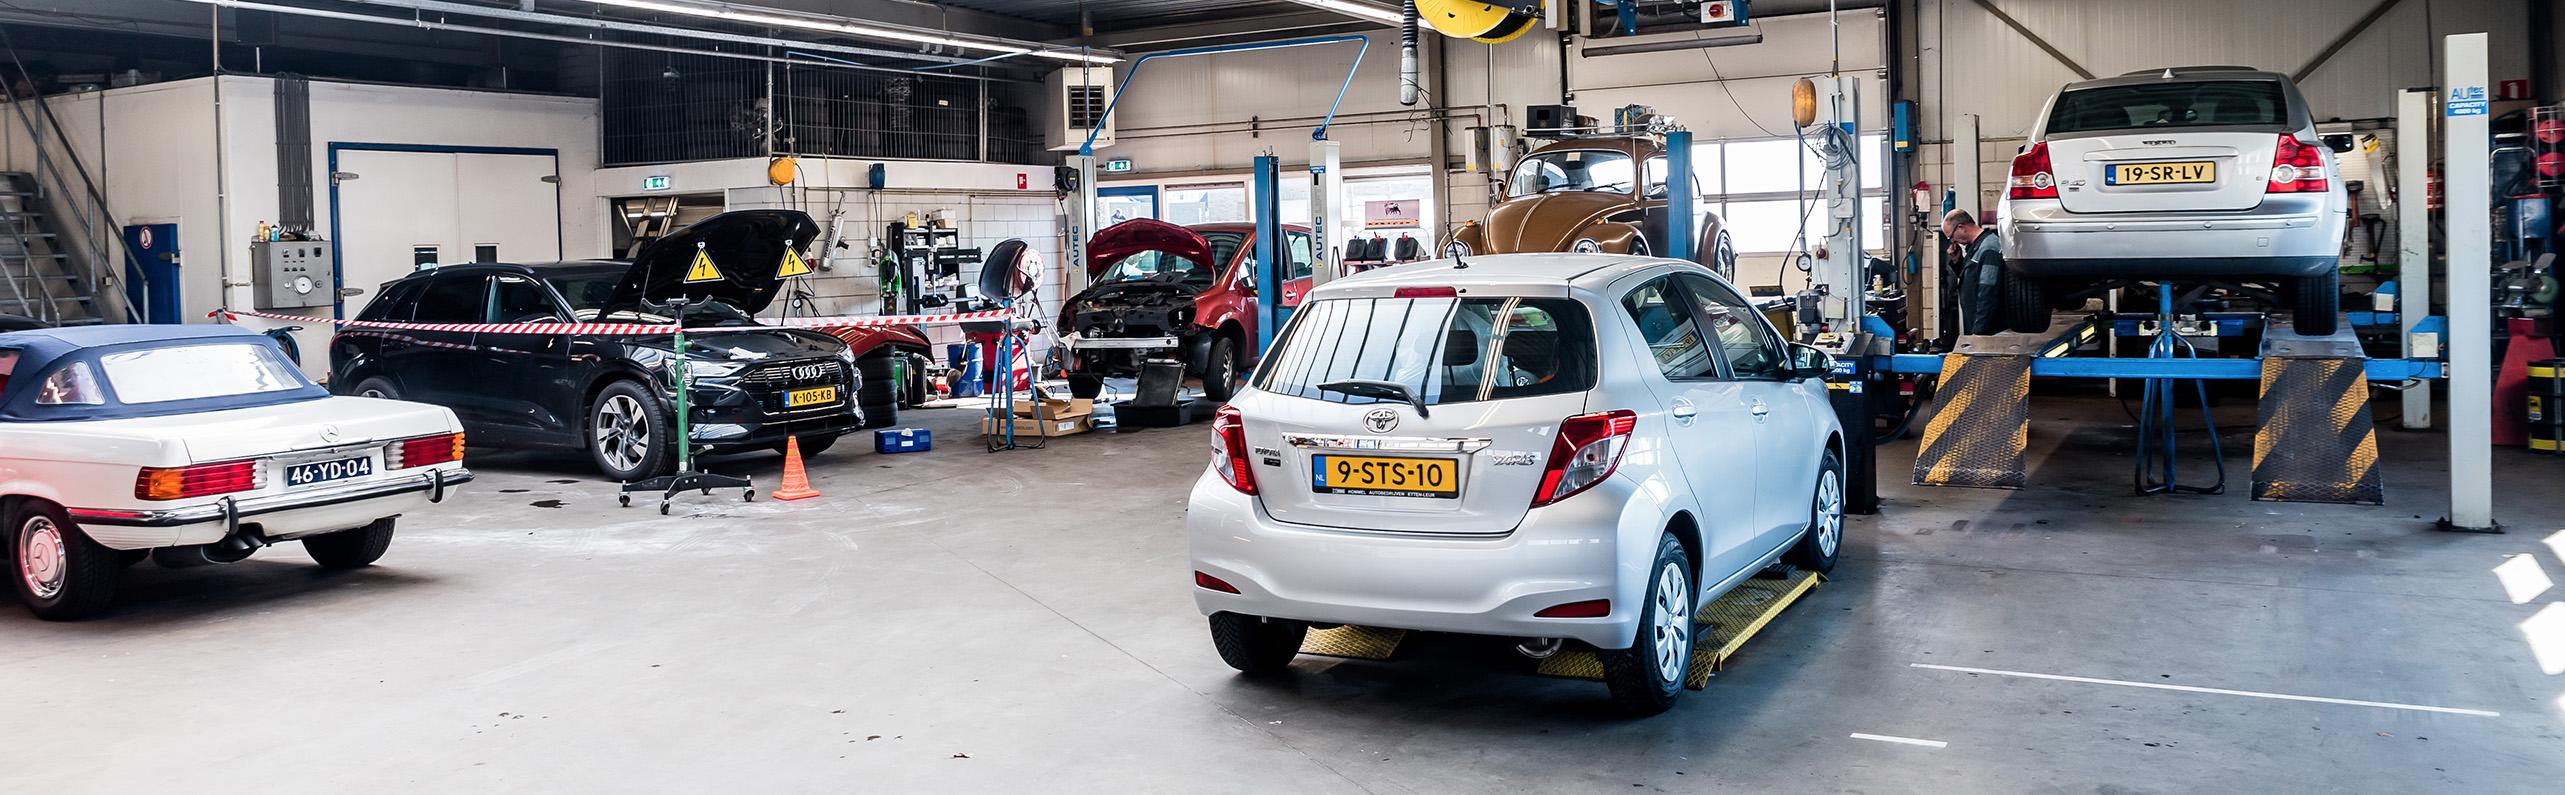 Werkplaats Kees Roks in Roosendaal